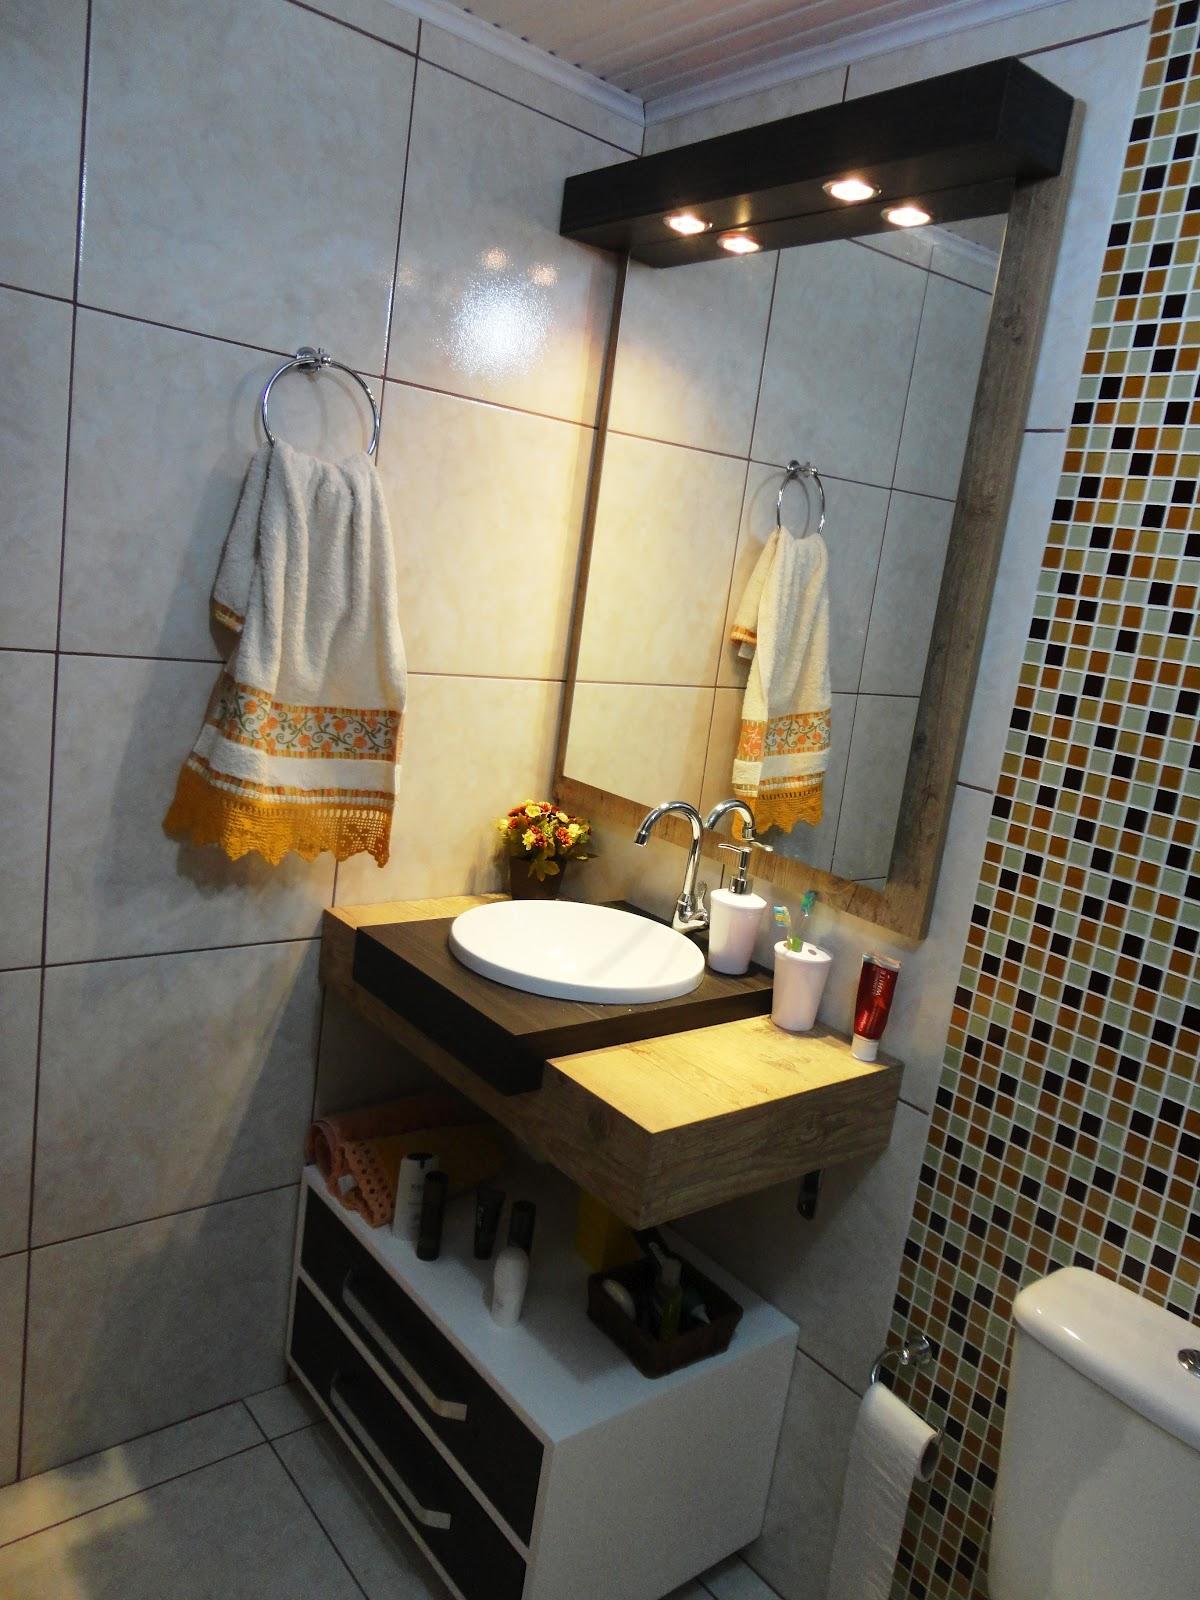 Imagens de #A27029 Banheiros com Pastilhas de vidro Mavel Materiais de Construção 1200x1600 px 3678 Banheiros Revestidos Com Pastilhas De Vidro